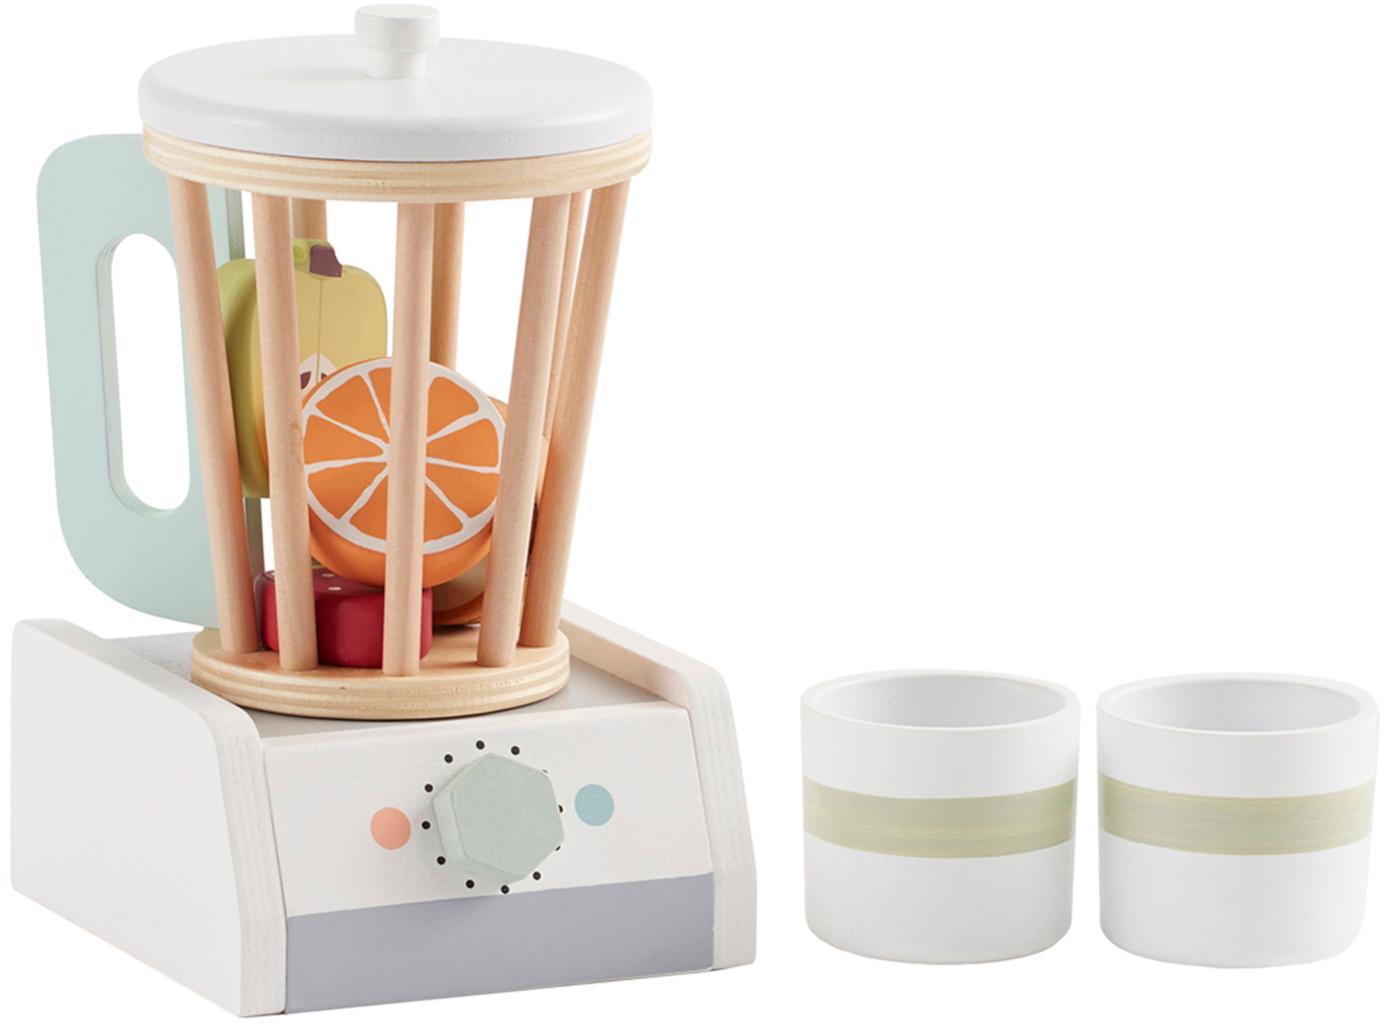 Spielzeug-Set Mixxer, Sperrholz, Mitteldichte Holzfaserplatte (MDF), Schimaholz, Buchenholz, beschichtet, Mehrfarbig, 12 x 20 cm